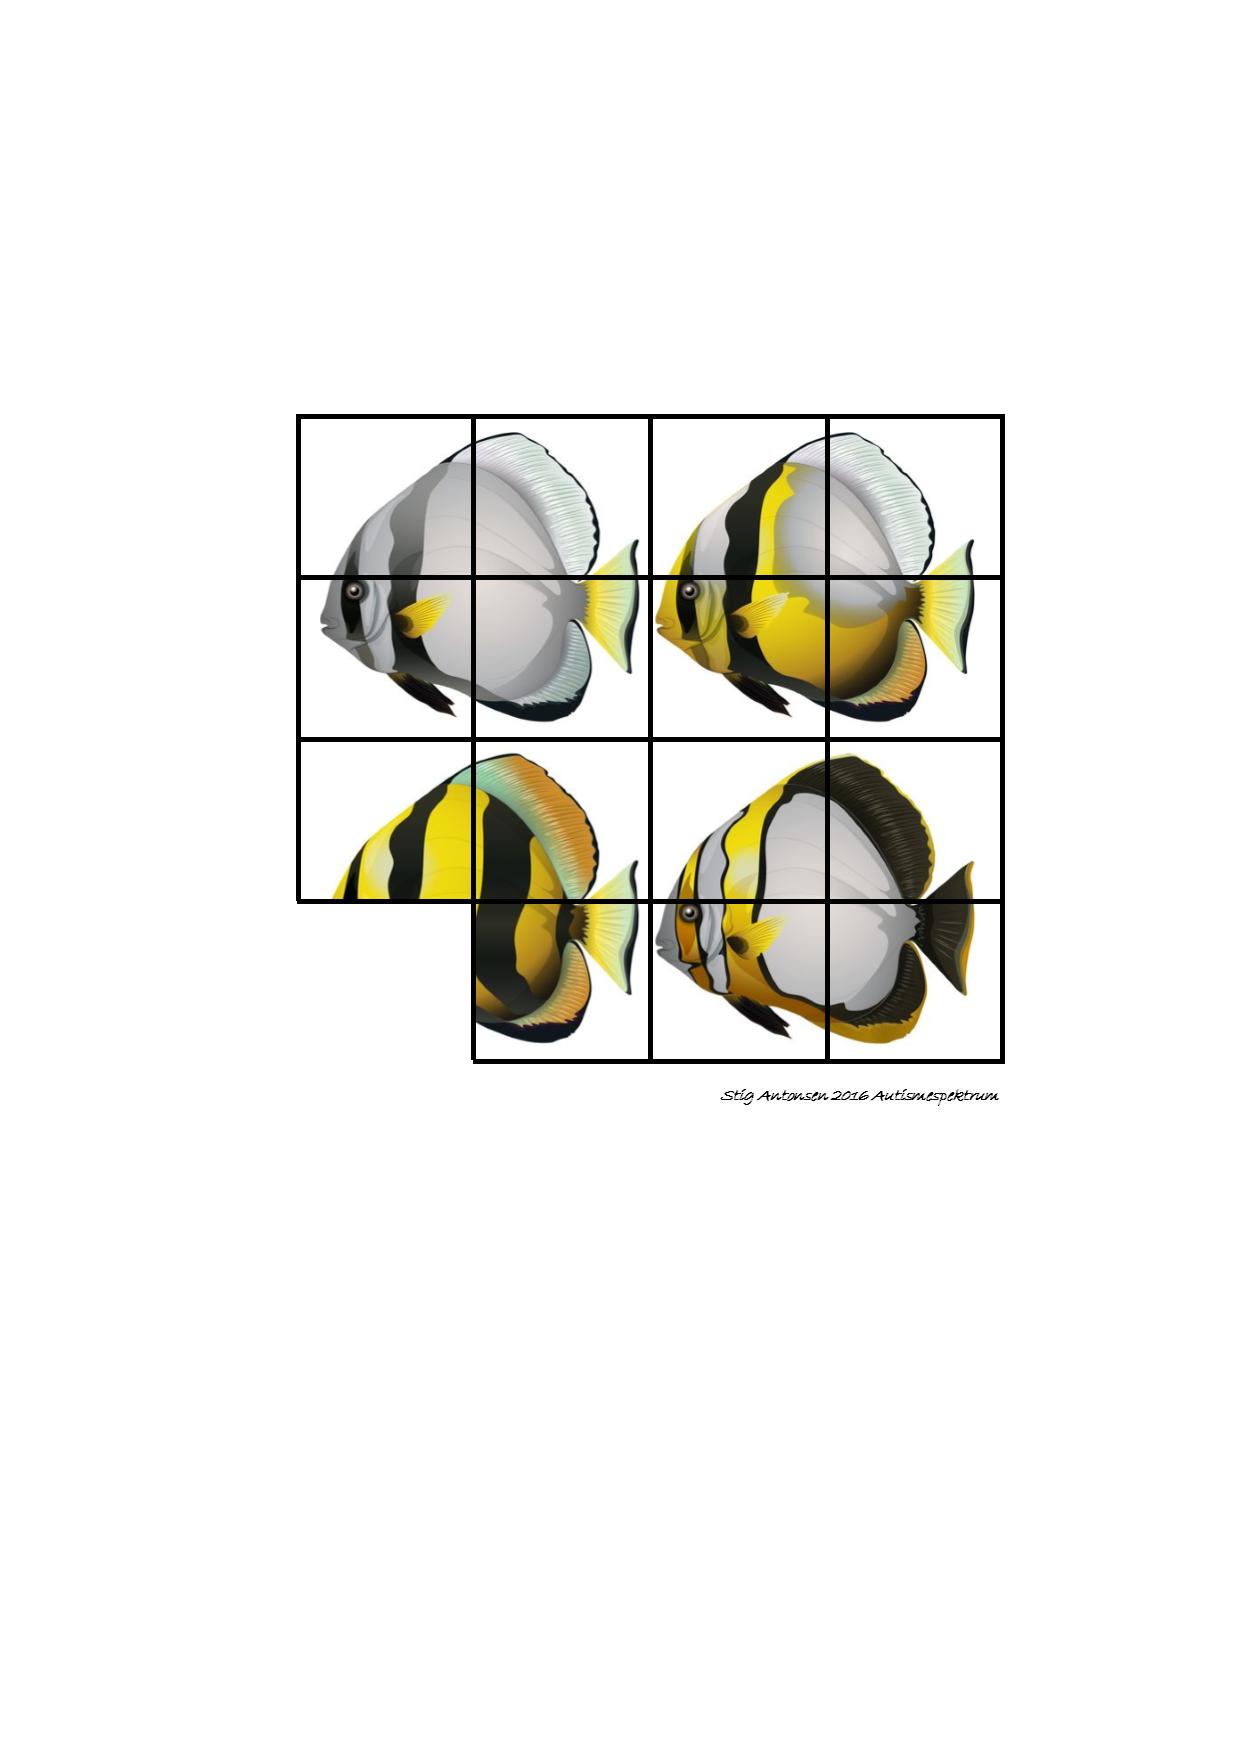 Pin P Symmetry Games